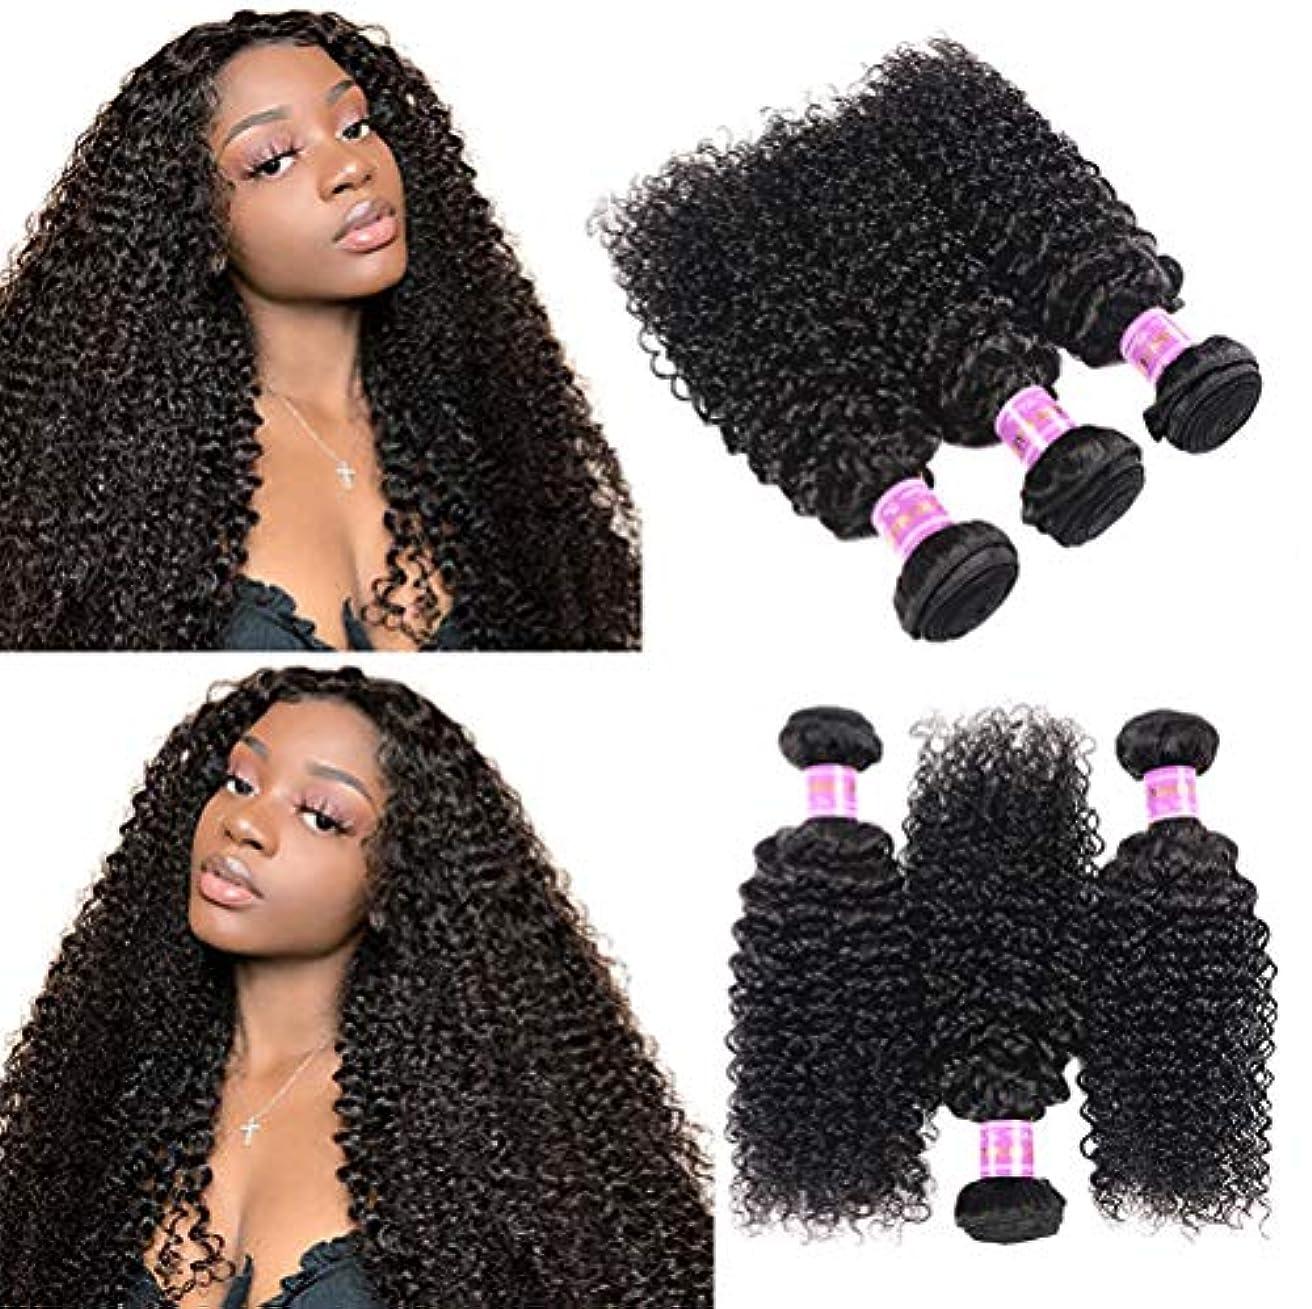 イチゴ仮称静かに女性150%密度ブラジルの水の波髪の束100%の未処理のバージンレミー人間の毛髪の拡張子1バンドル変態巻き毛